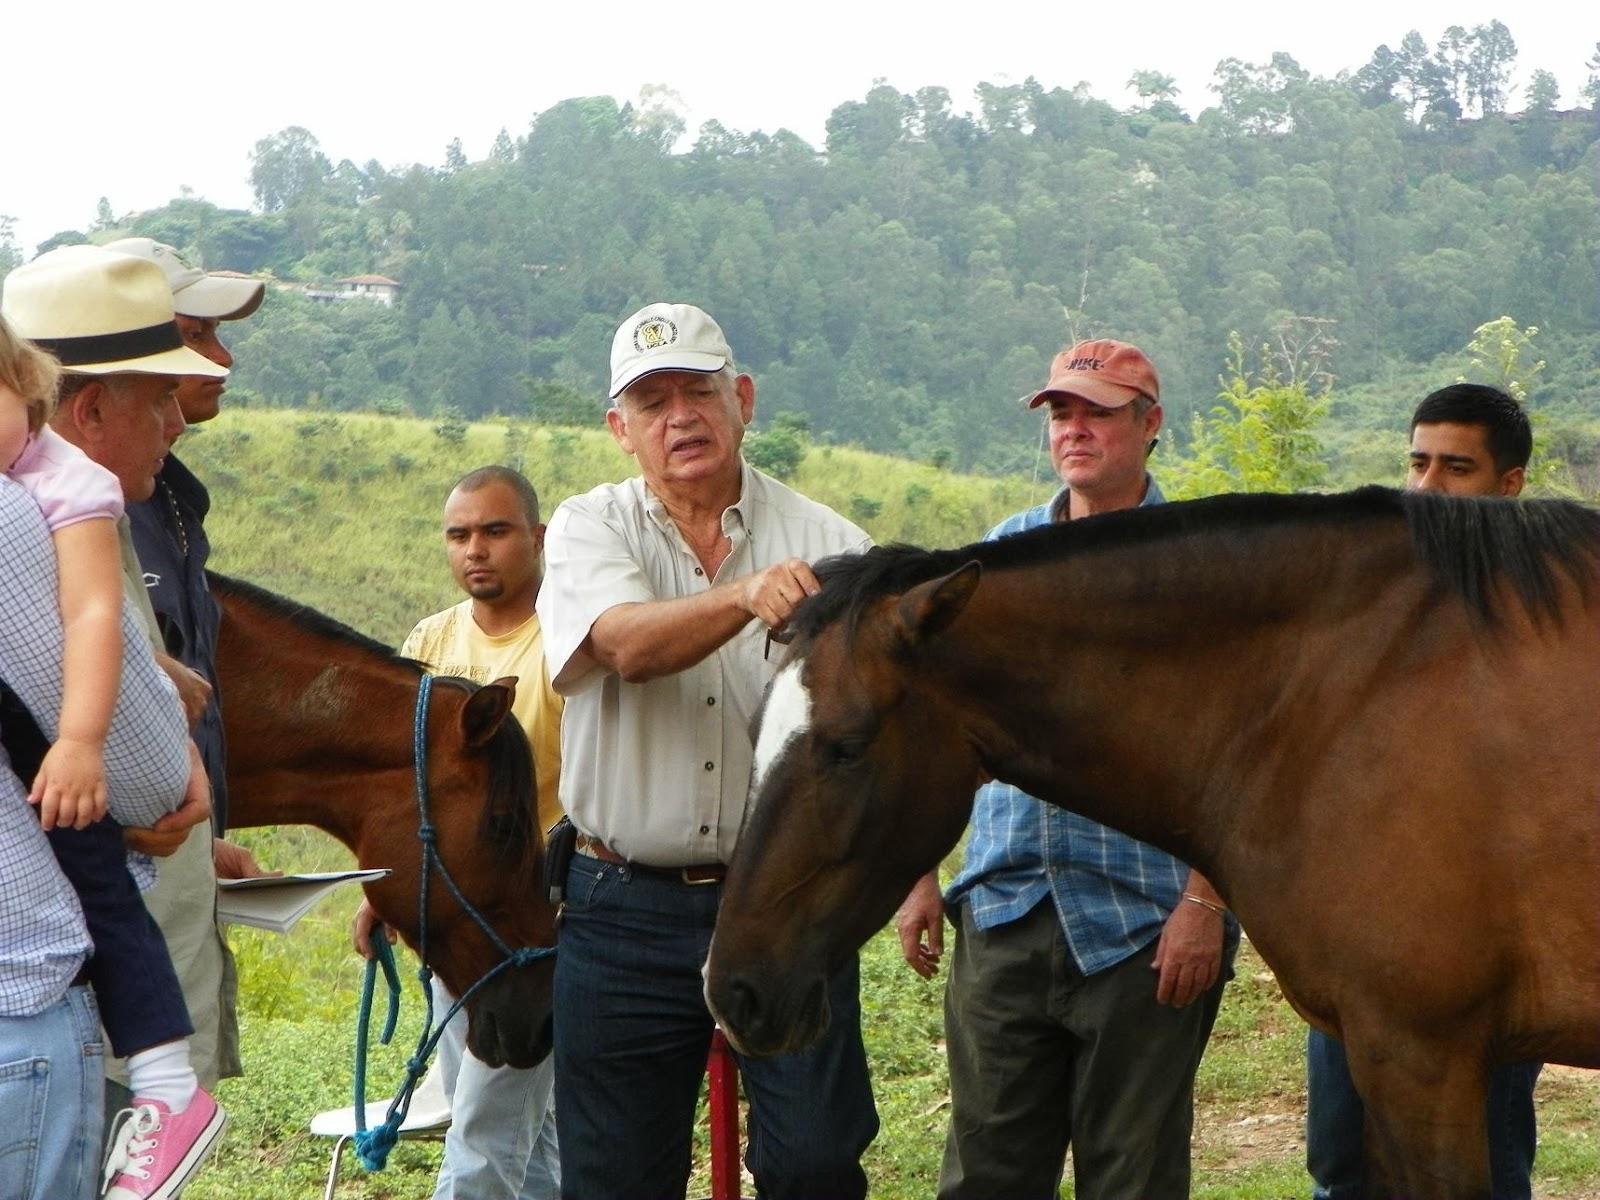 Los primeros diez años de La Cátedra Libre para el estudio y la conservación del \u0026quot;Caballo Criollo Venezolano\u0026quot;